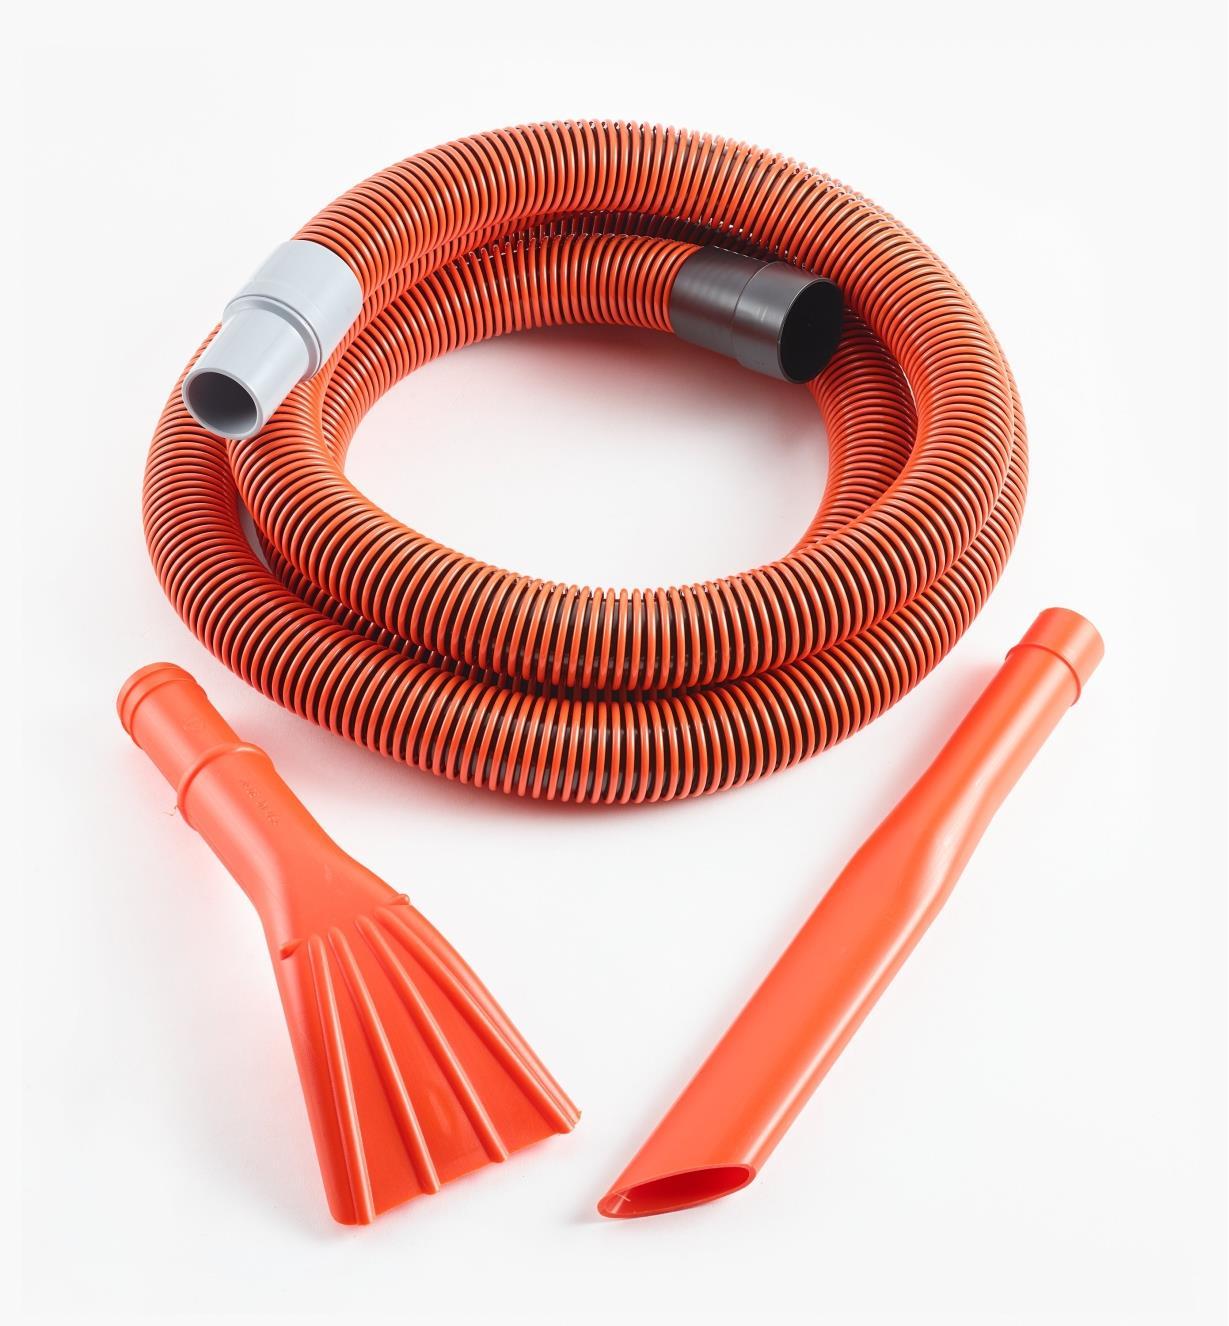 12F0101 - Ensemble d'accessoires – tuyau de 12pi